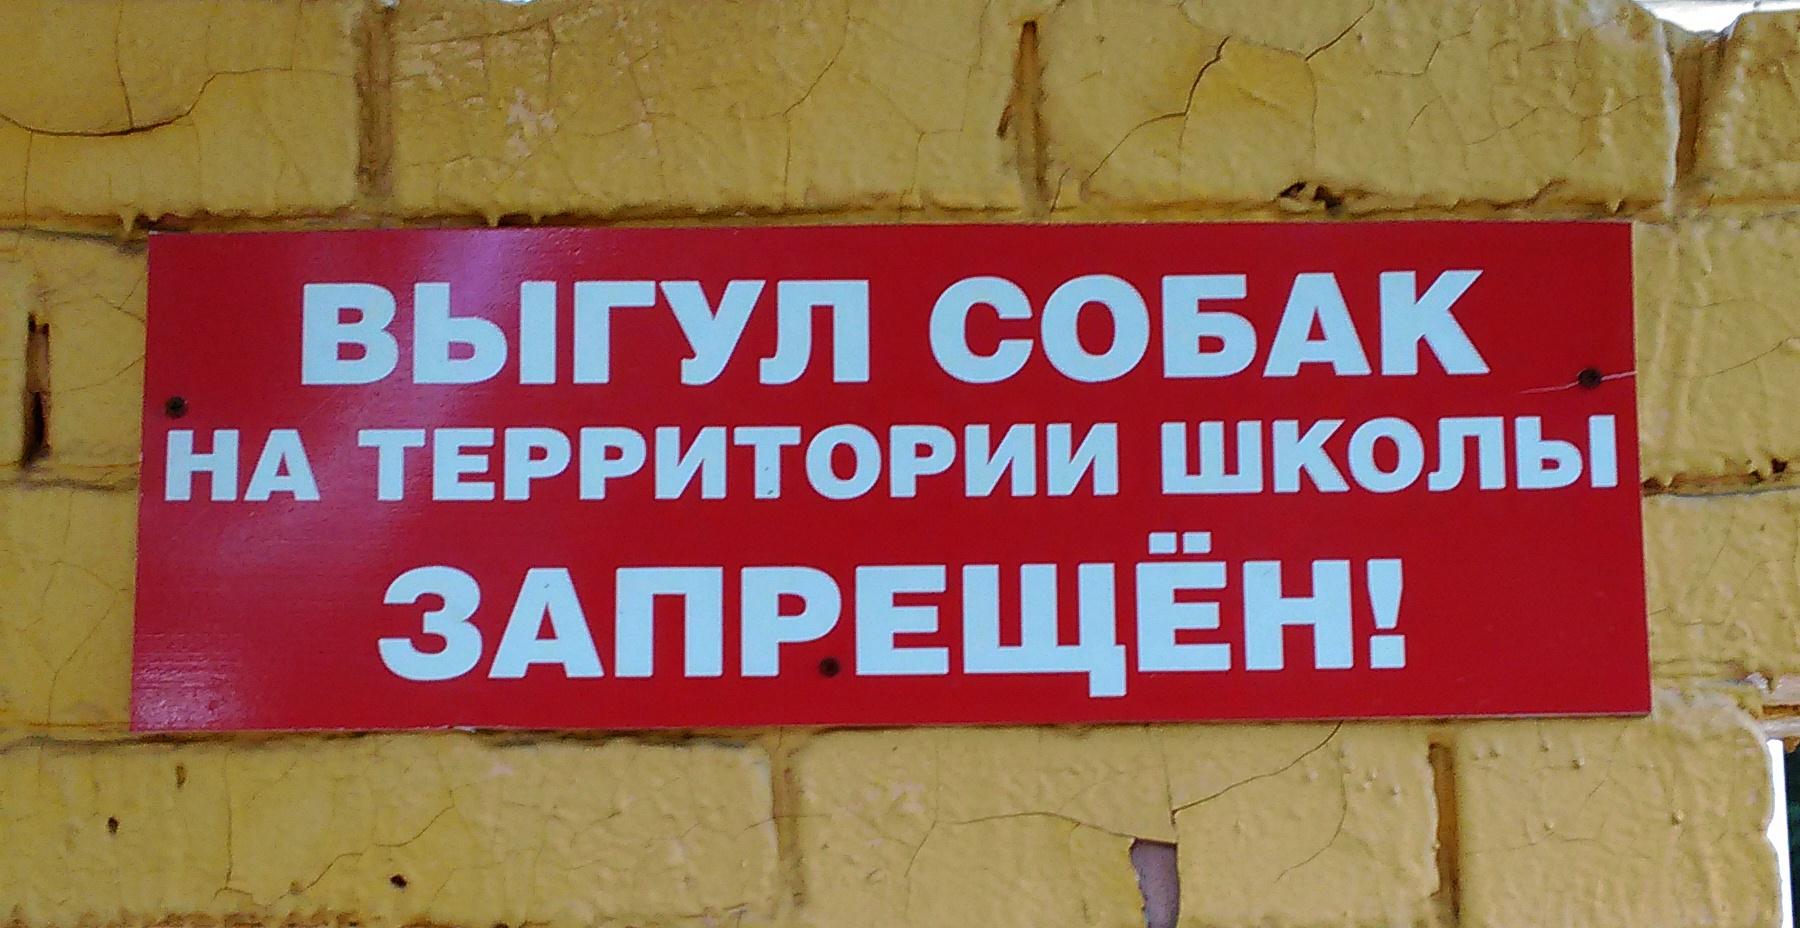 Киевлянам запретили гулять с собаками на территориях школ